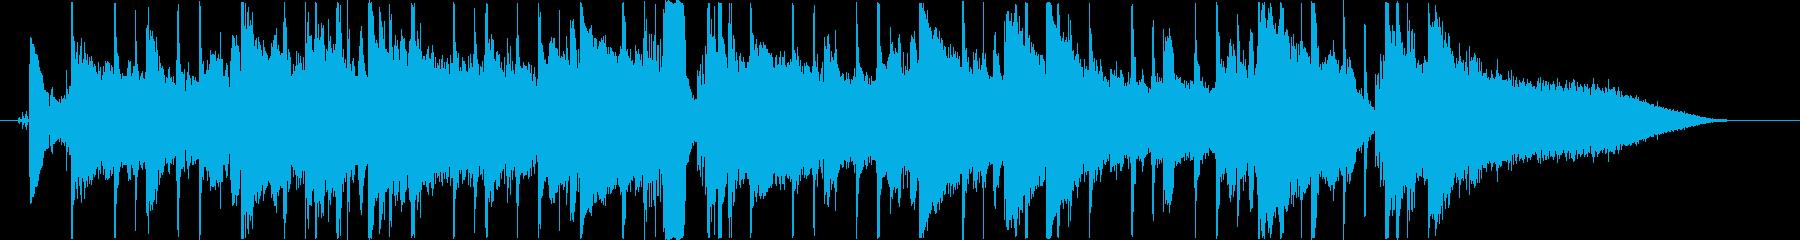 AOR風ジングル・サウンドロゴの再生済みの波形